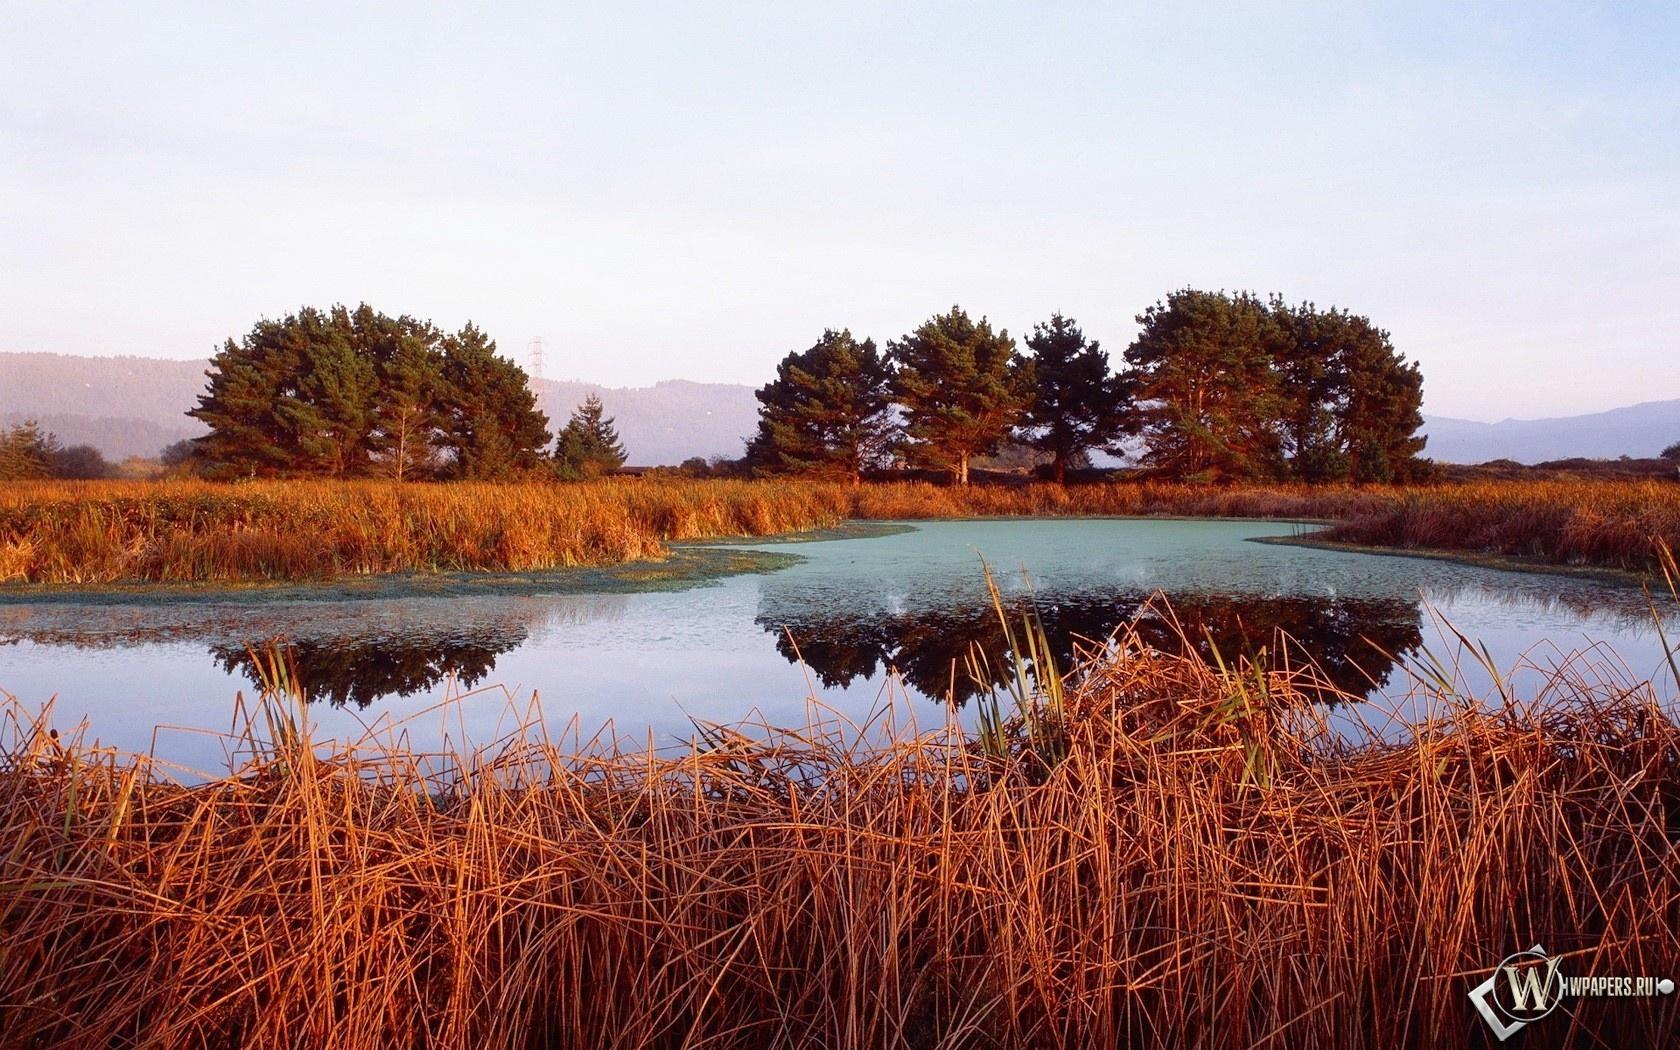 Камыши на озере 1680x1050